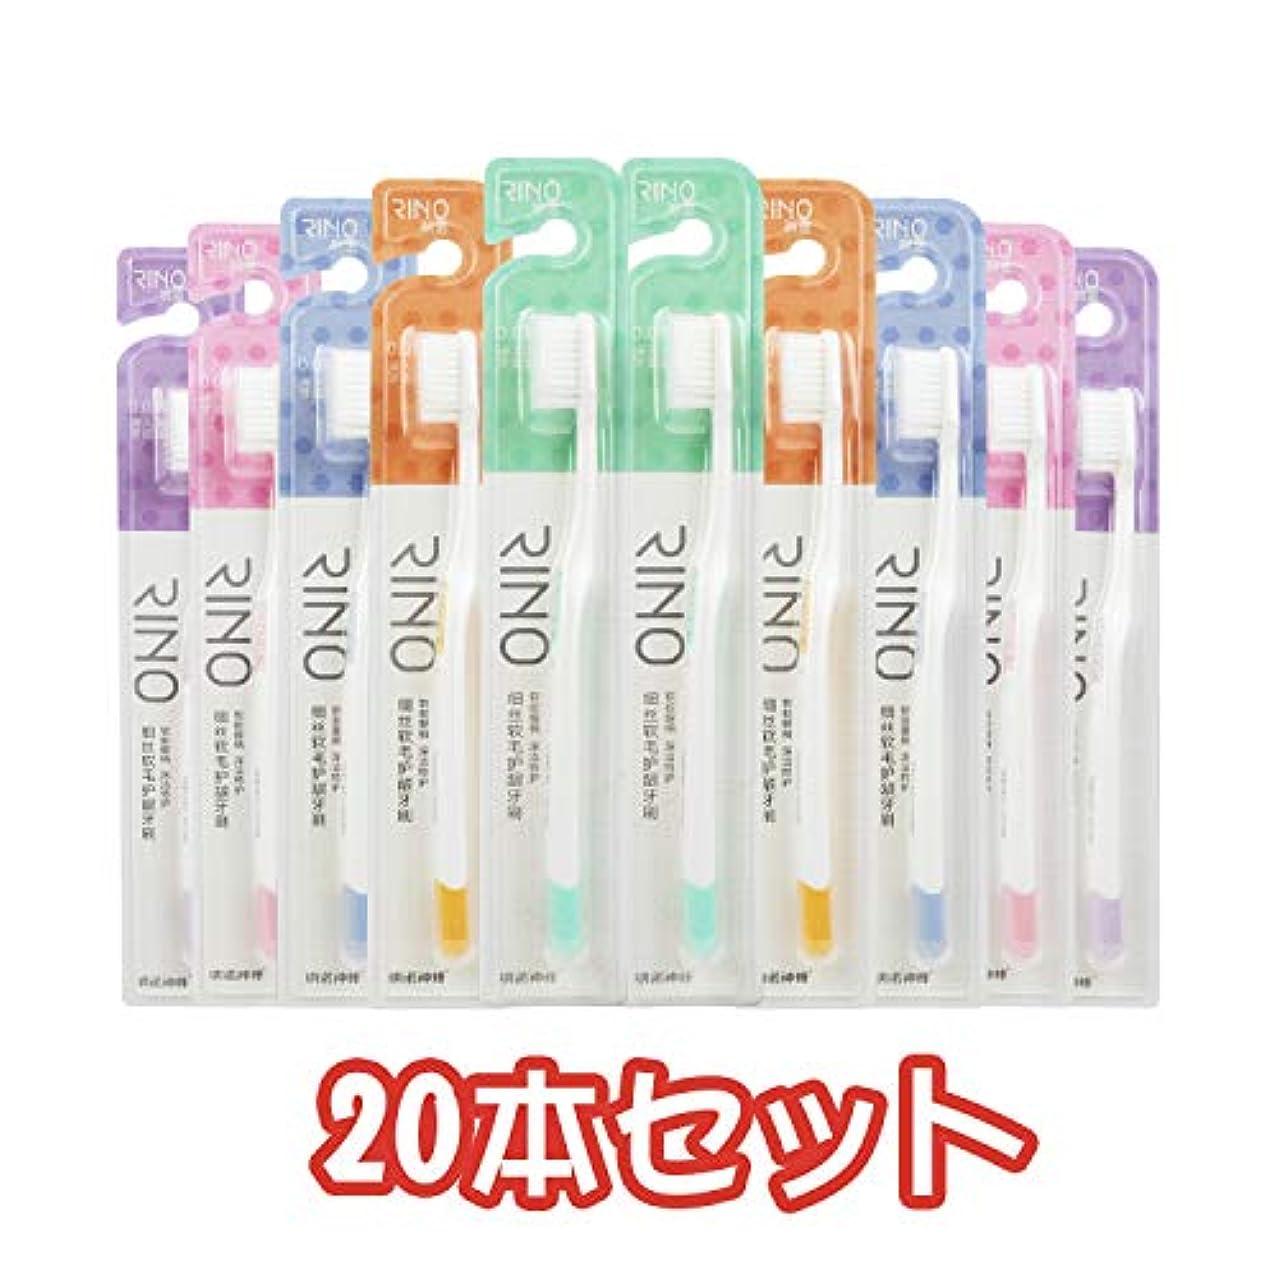 調査最適ロゴNano 20本セット やわらかい 歯ブラシ 大人用 耐久性 旅行用 子供 卸売価格 安い歯ブラシ